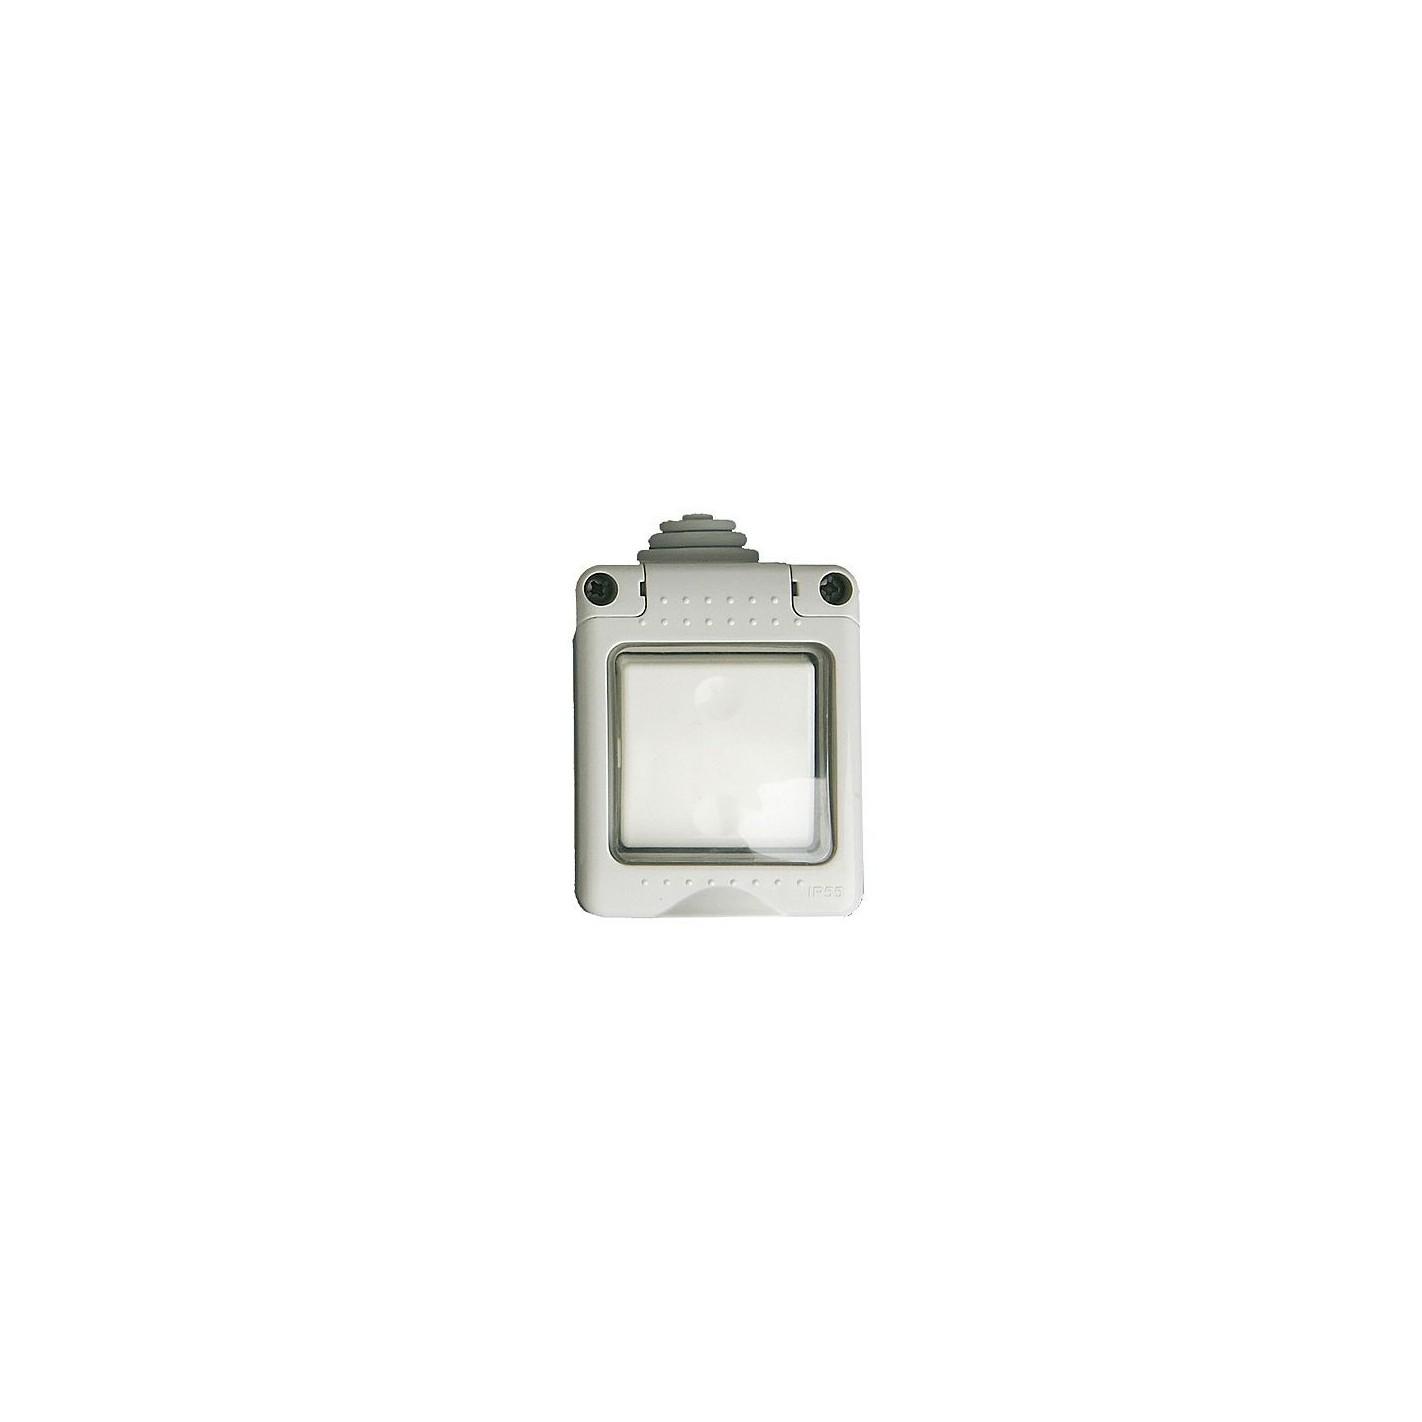 Iluminacion Estanca Baño: > Superficie modular > Caja estanca 2 modulos con interruptor IP 65